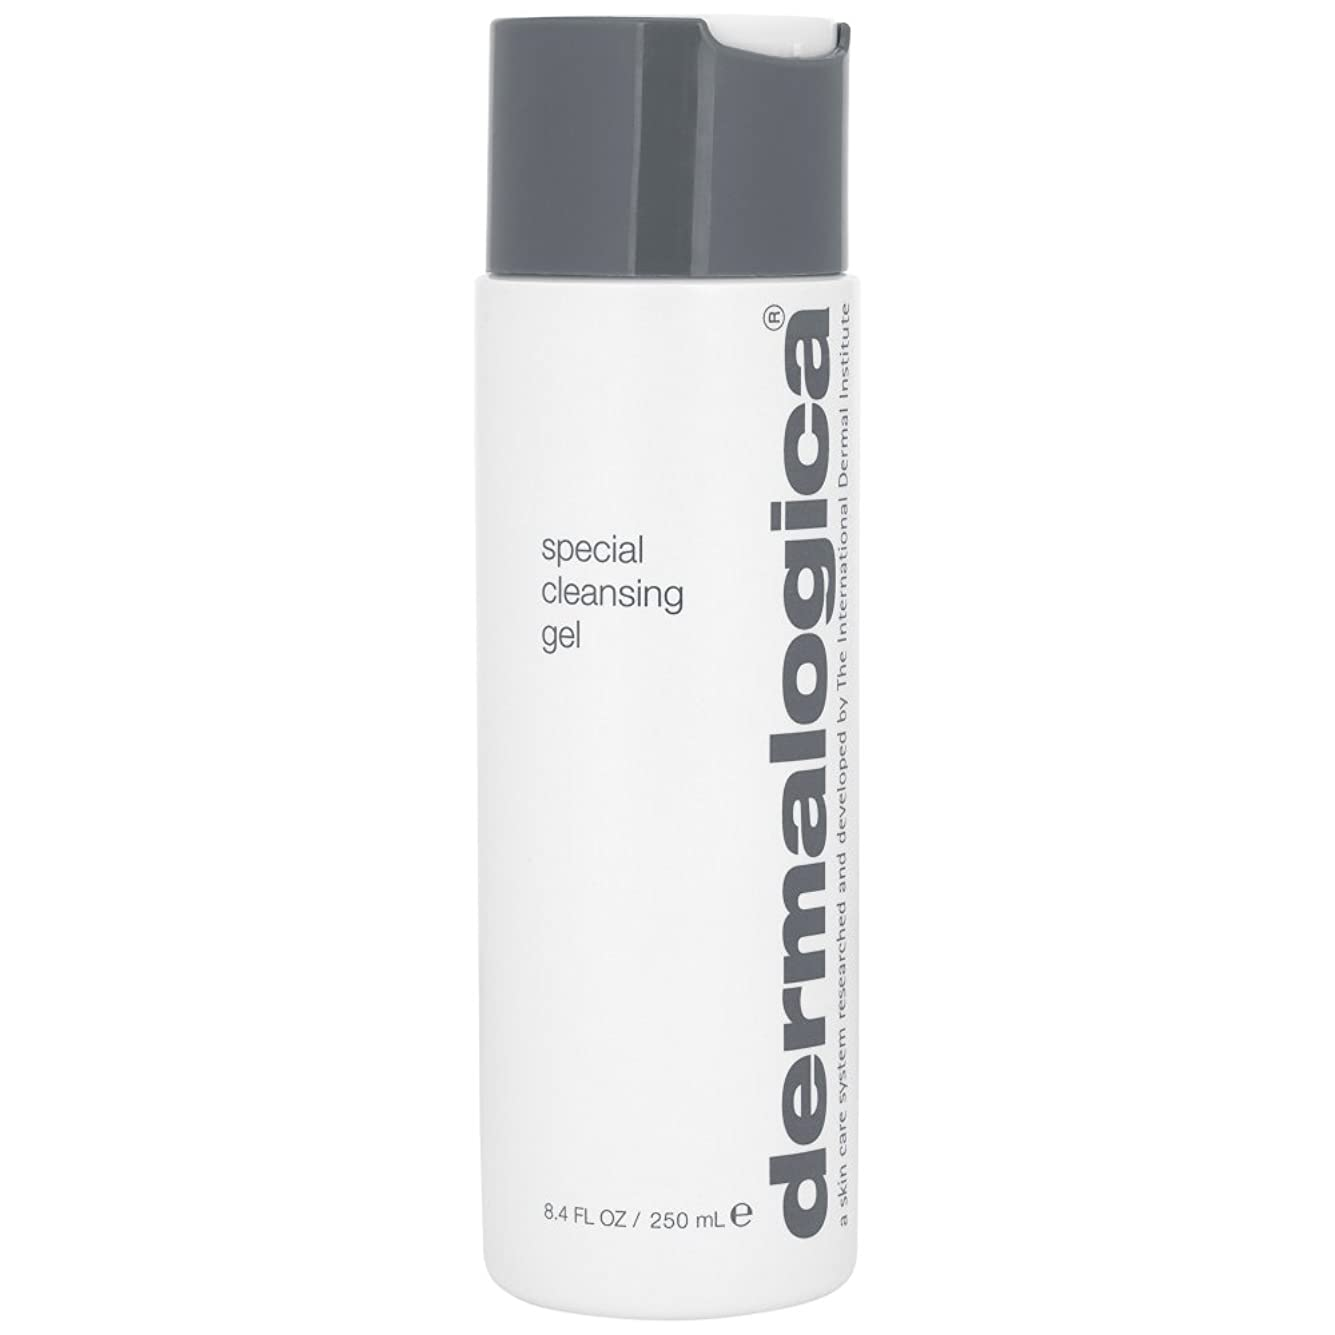 クルー乳白色生き物ダーマロジカ特別なクレンジングゲル250ミリリットル (Dermalogica) (x2) - Dermalogica Special Cleansing Gel 250ml (Pack of 2) [並行輸入品]